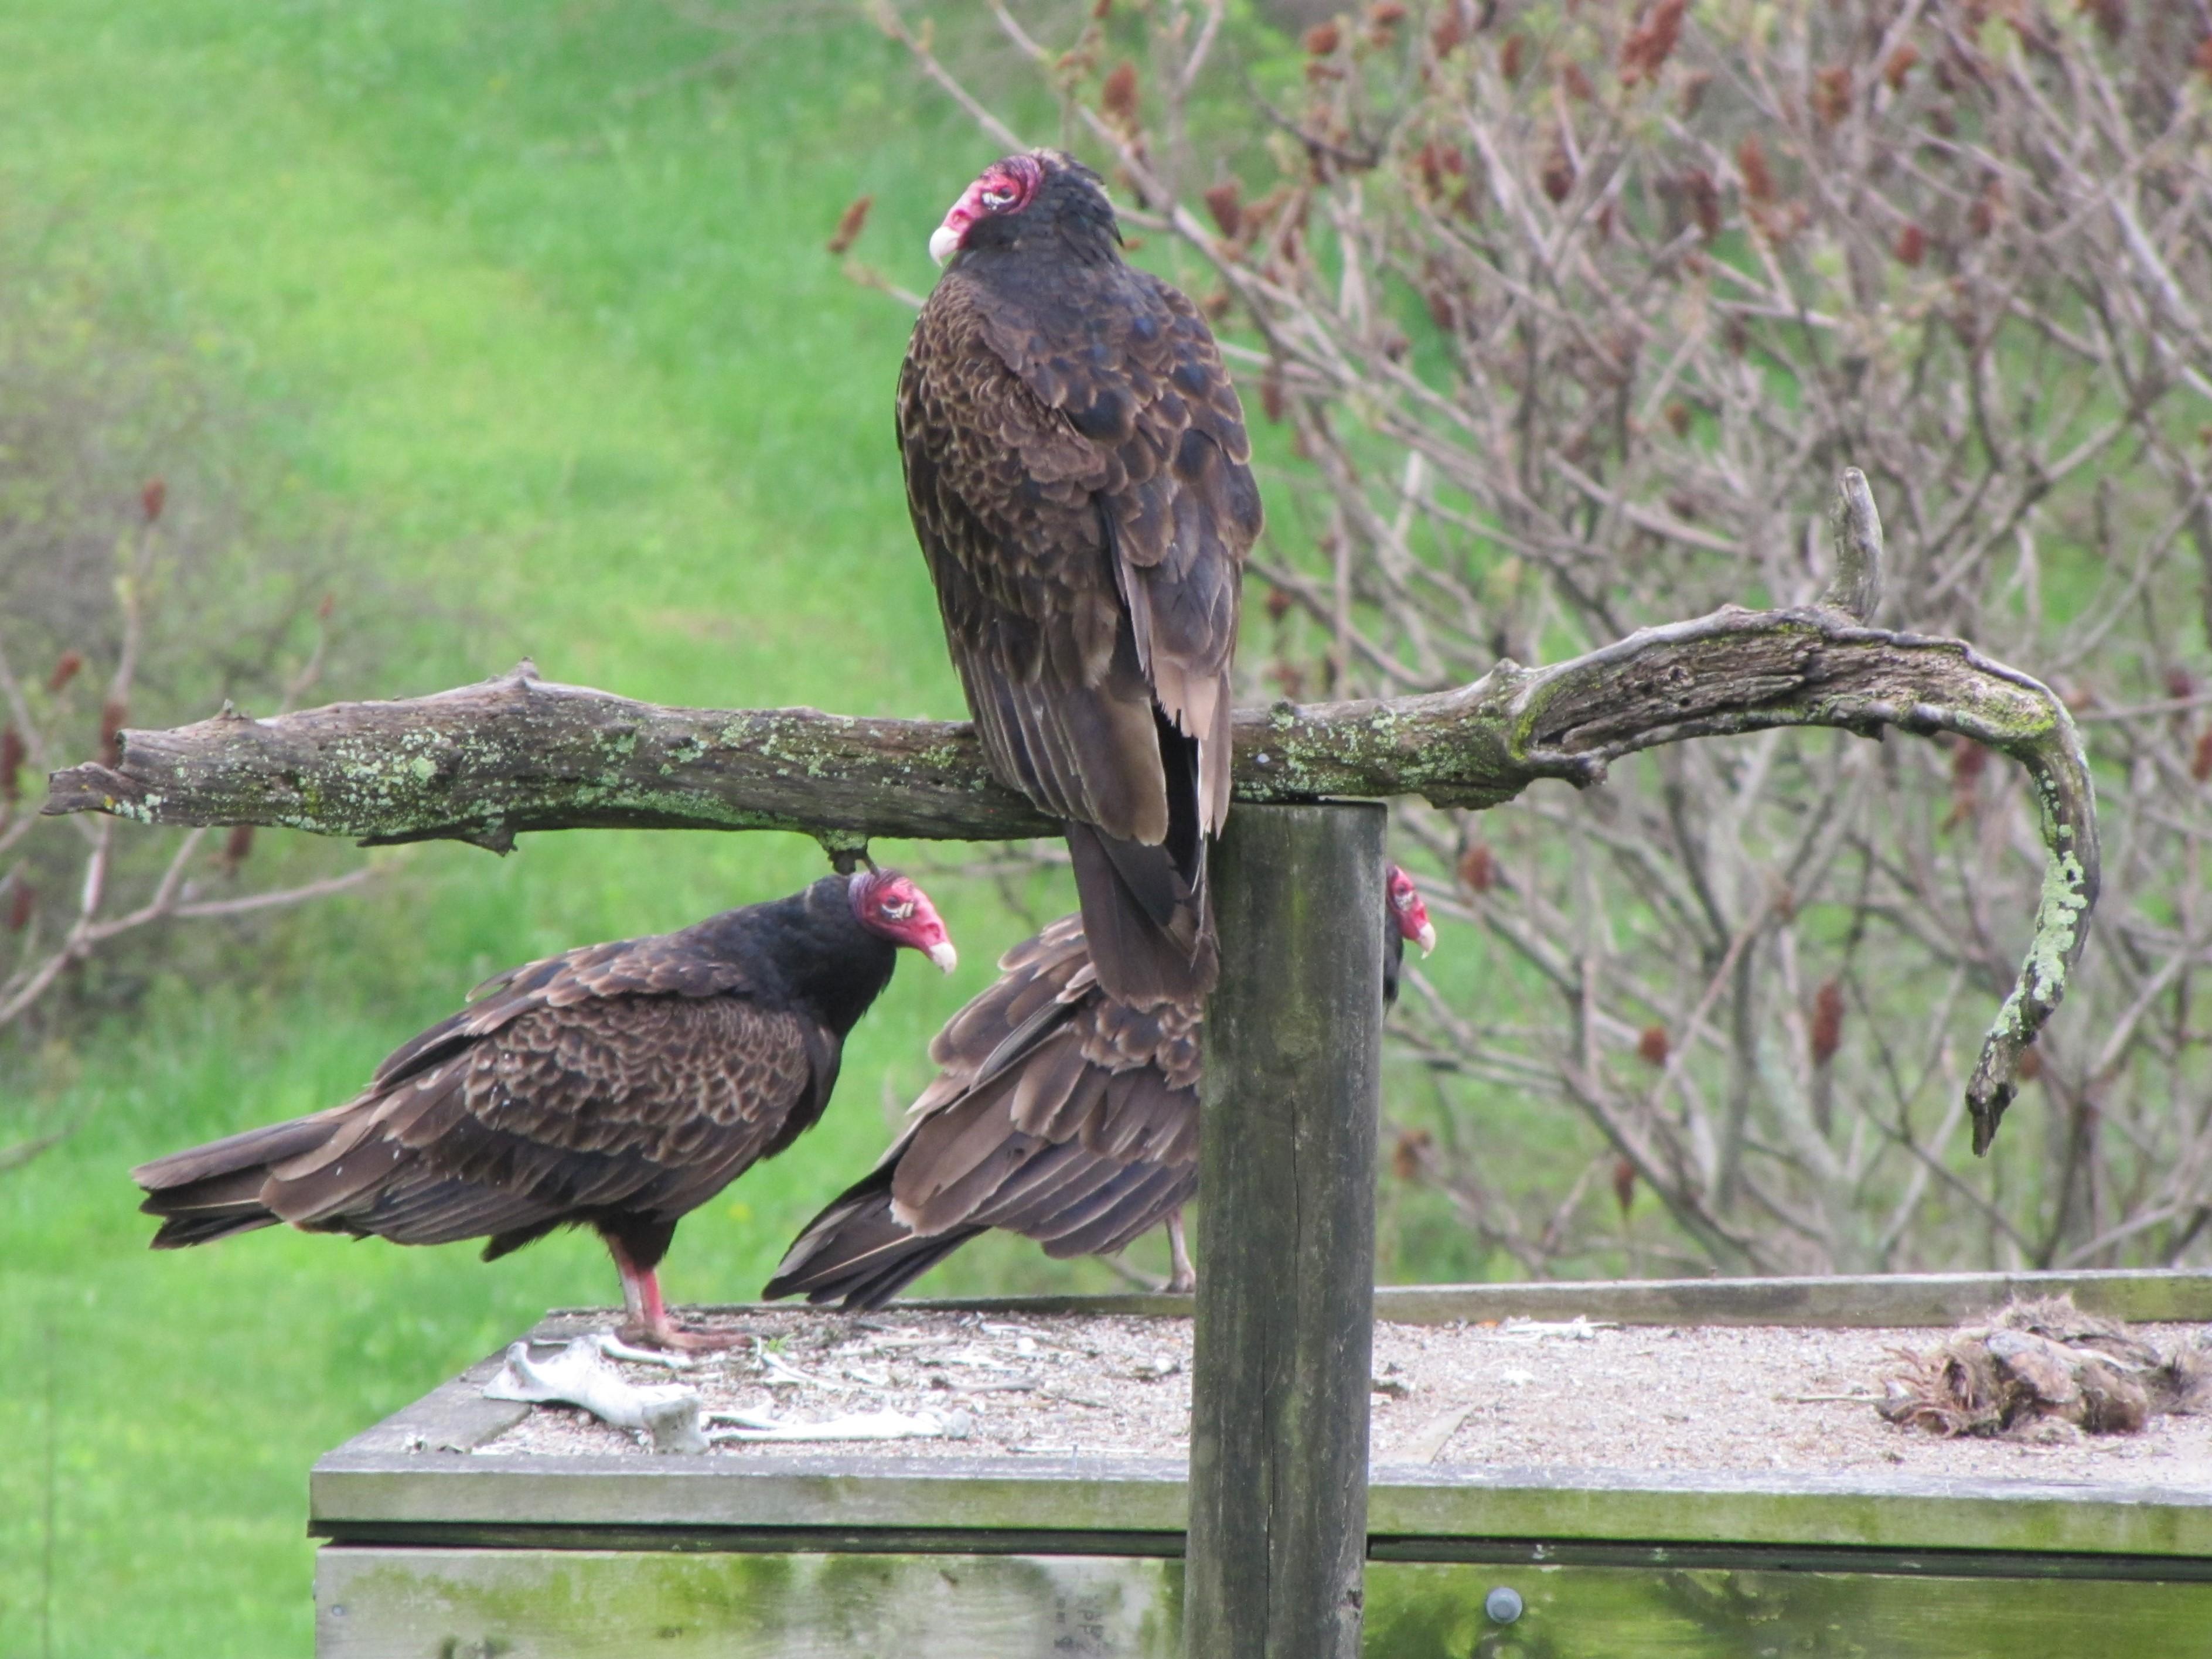 Three turkey vultures feeding